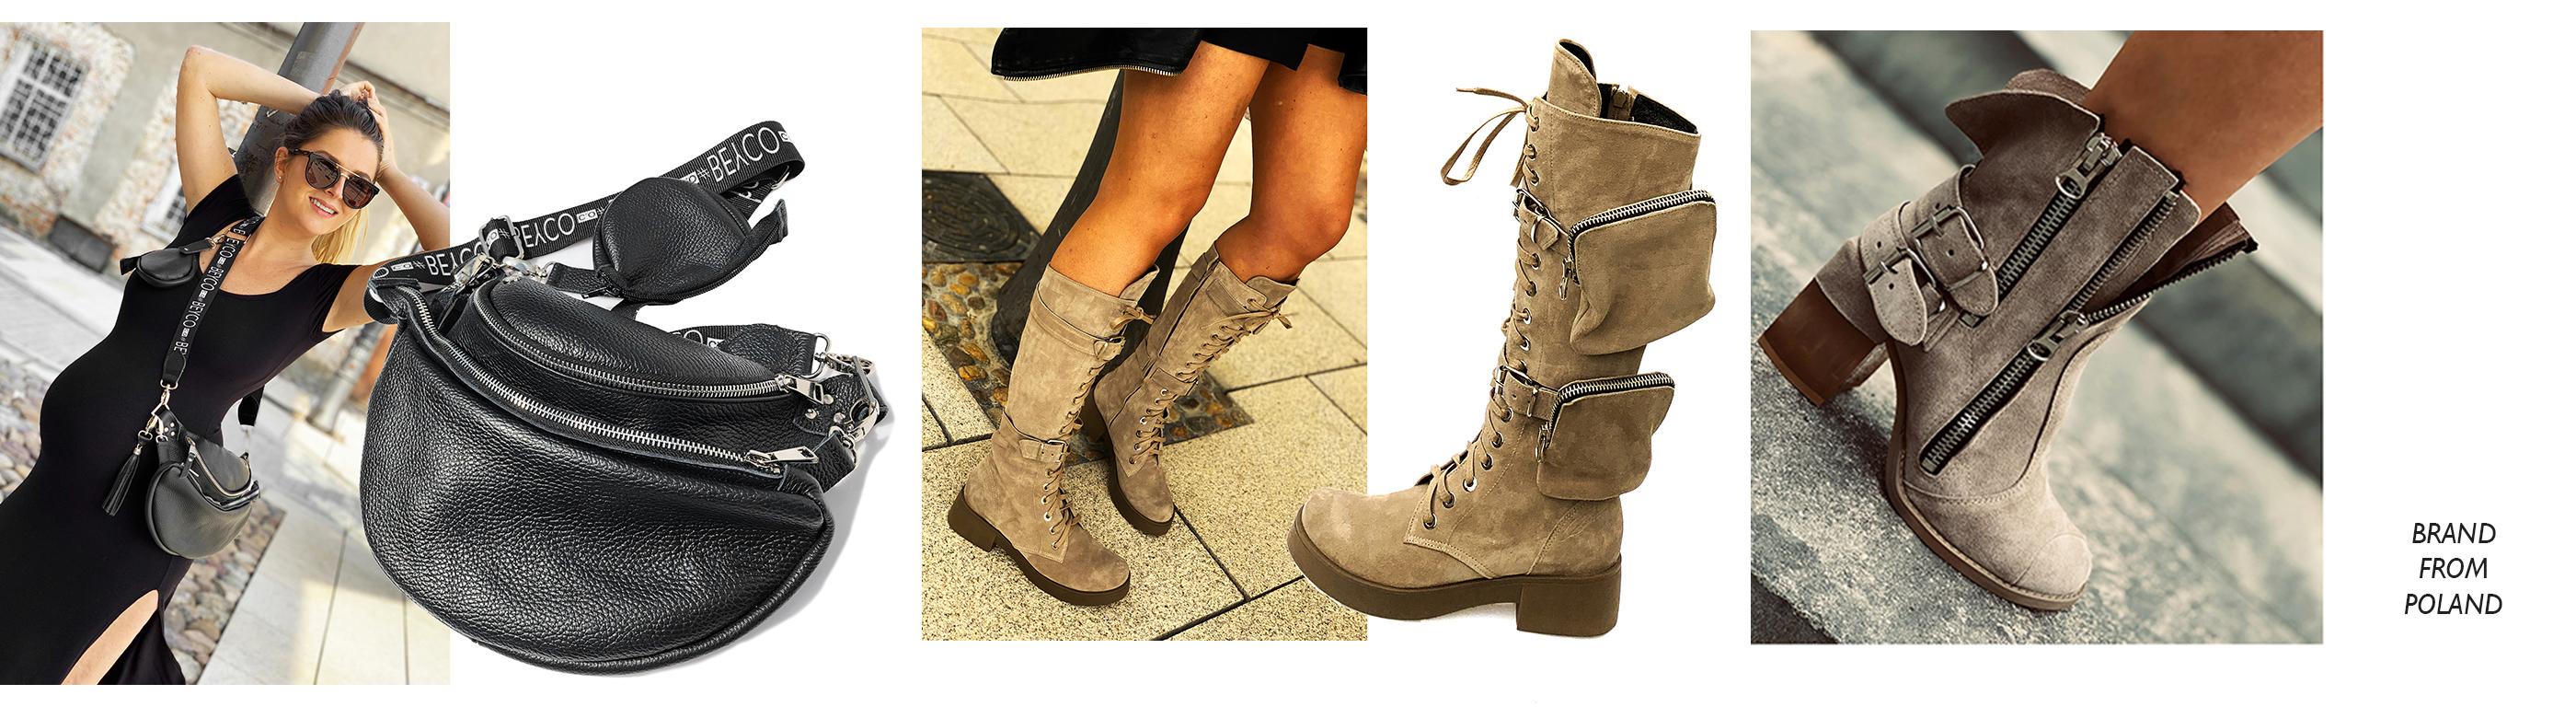 Buty damskie ręcznie robione handmade shoes Sklep online